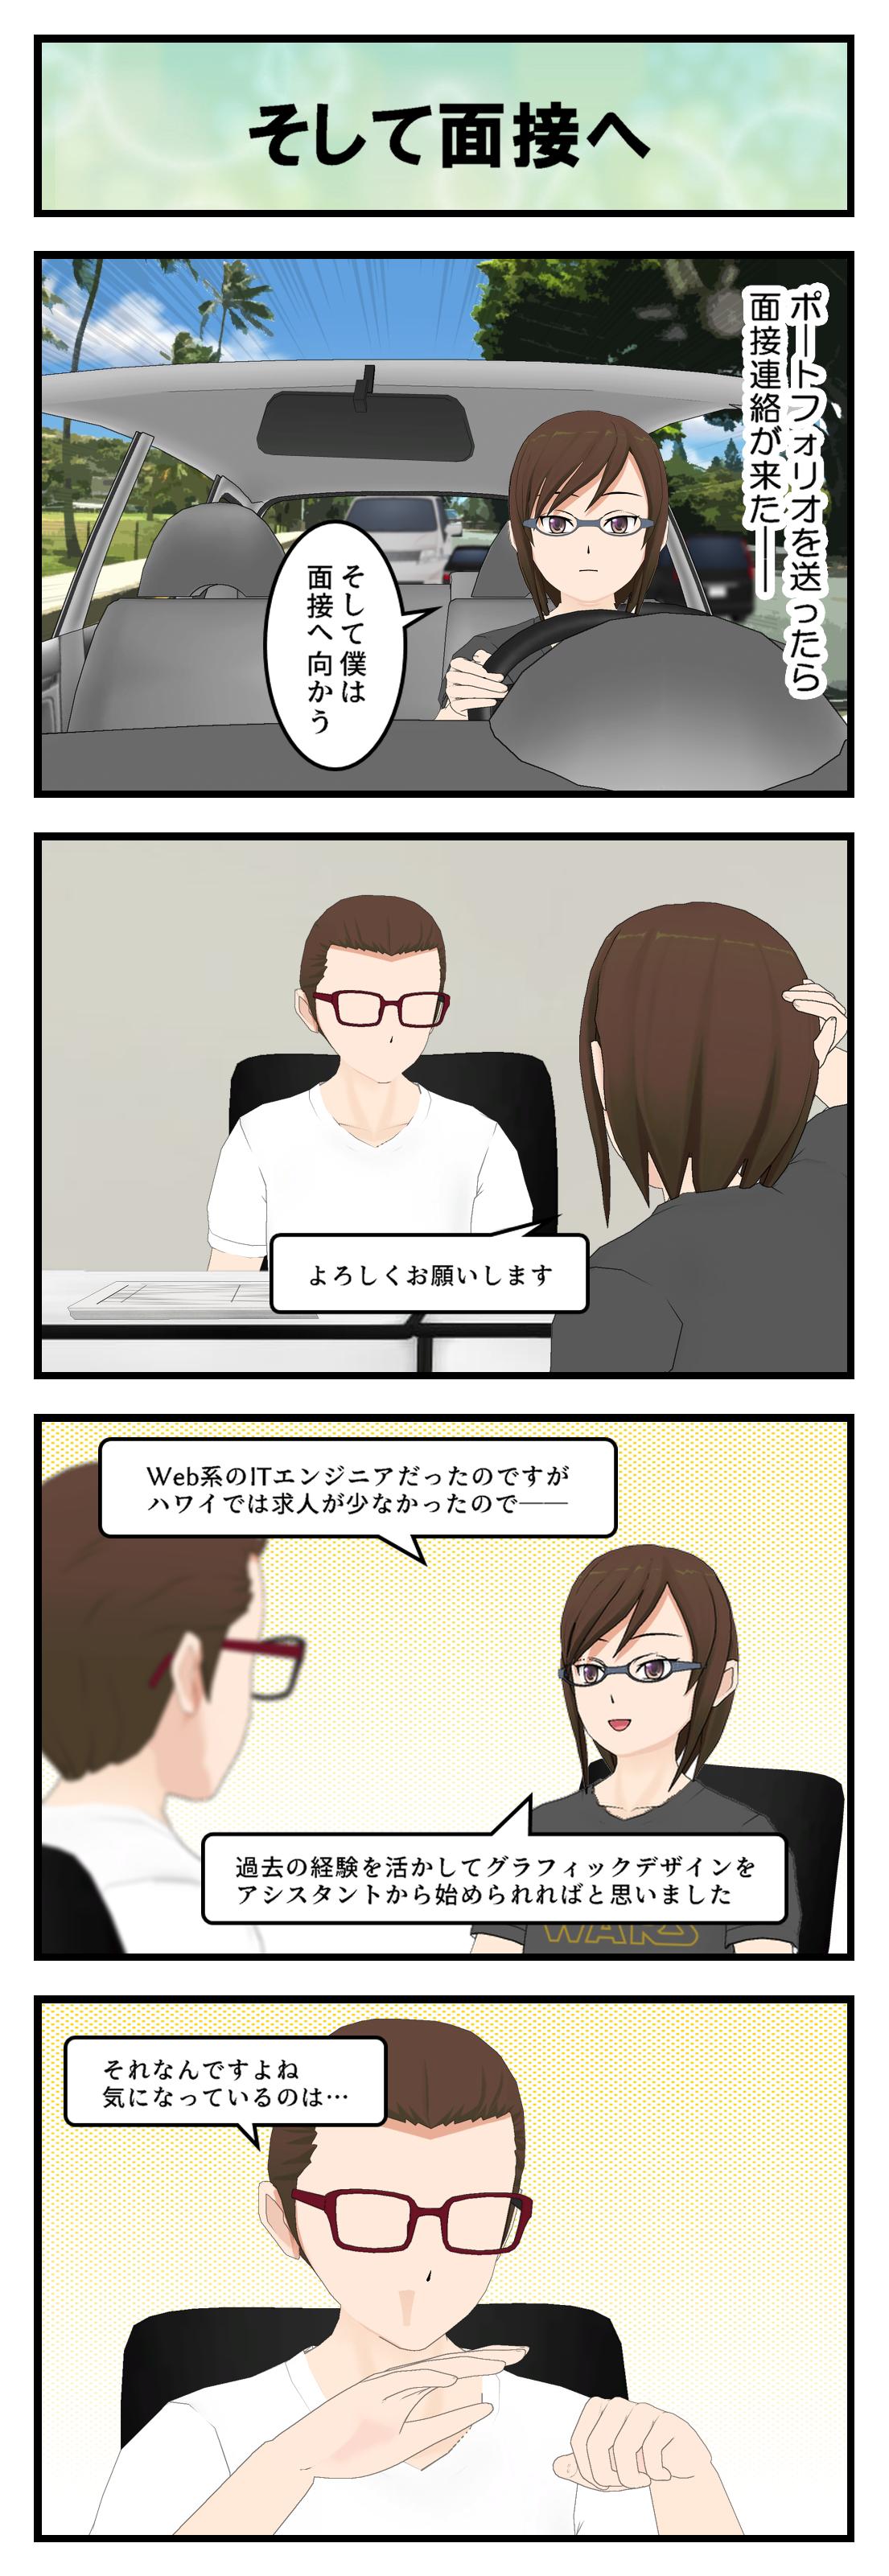 R538_グラフィック9_001